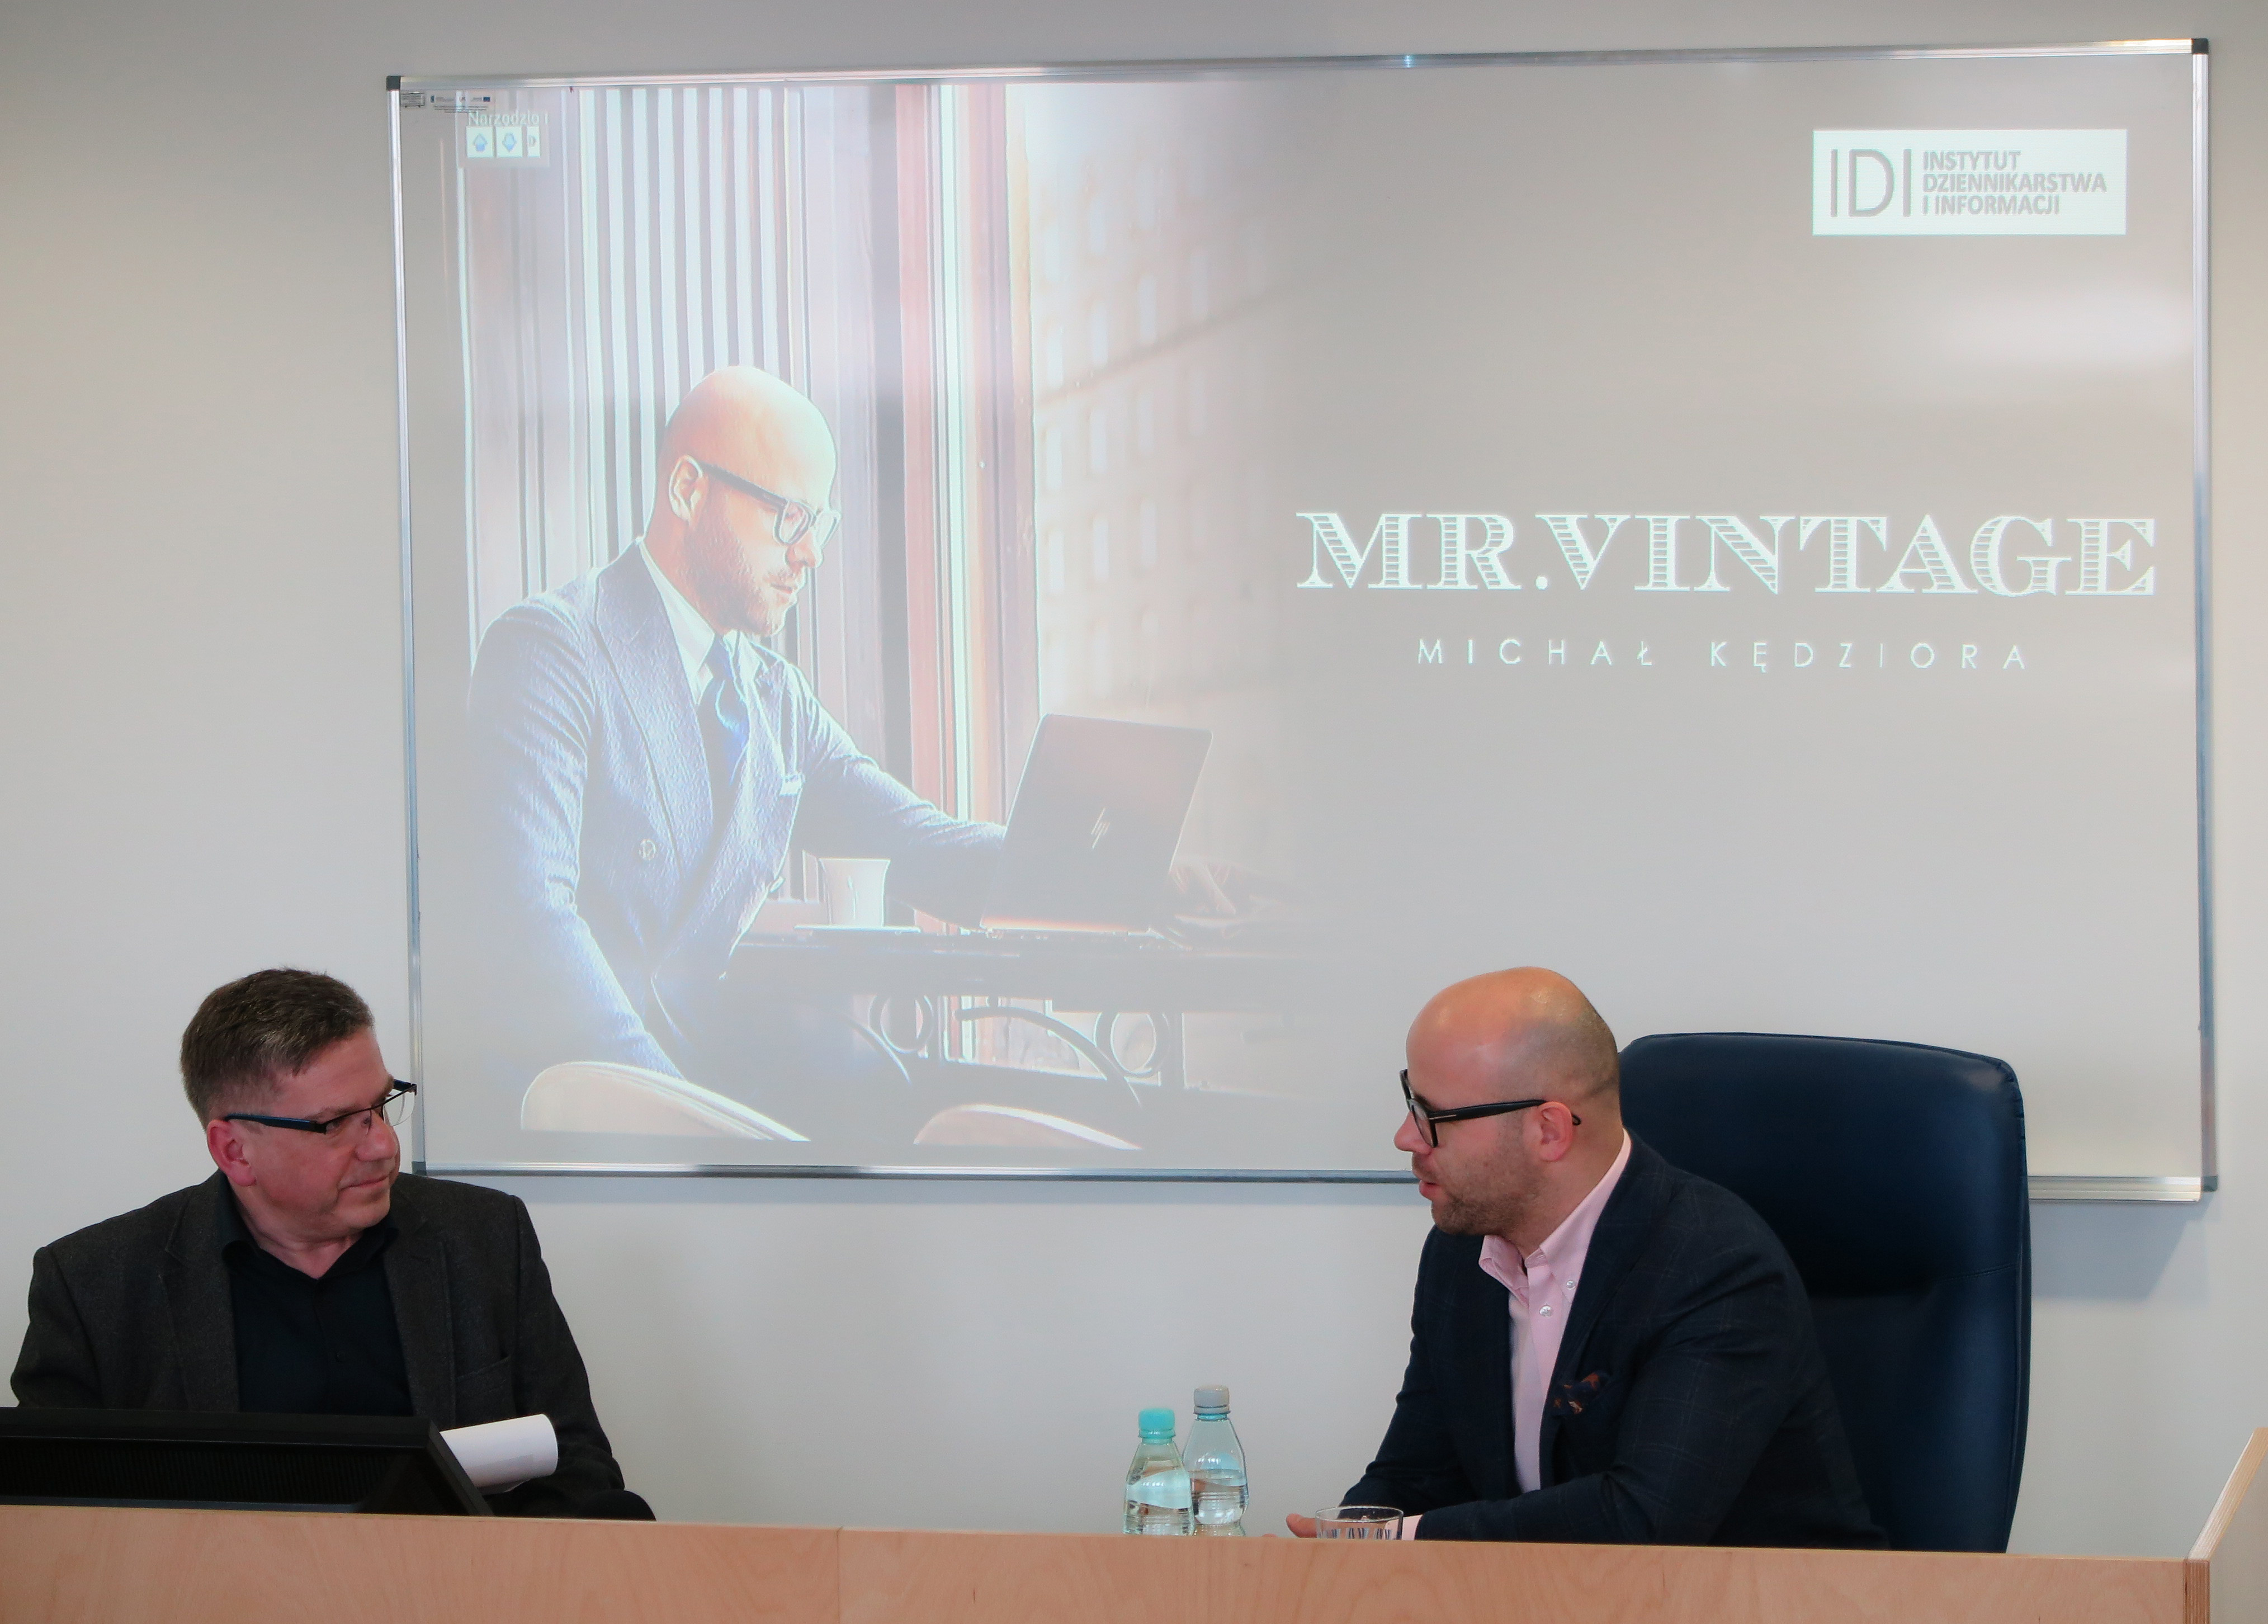 MrVintage_010 Mr.Vitage w IDI